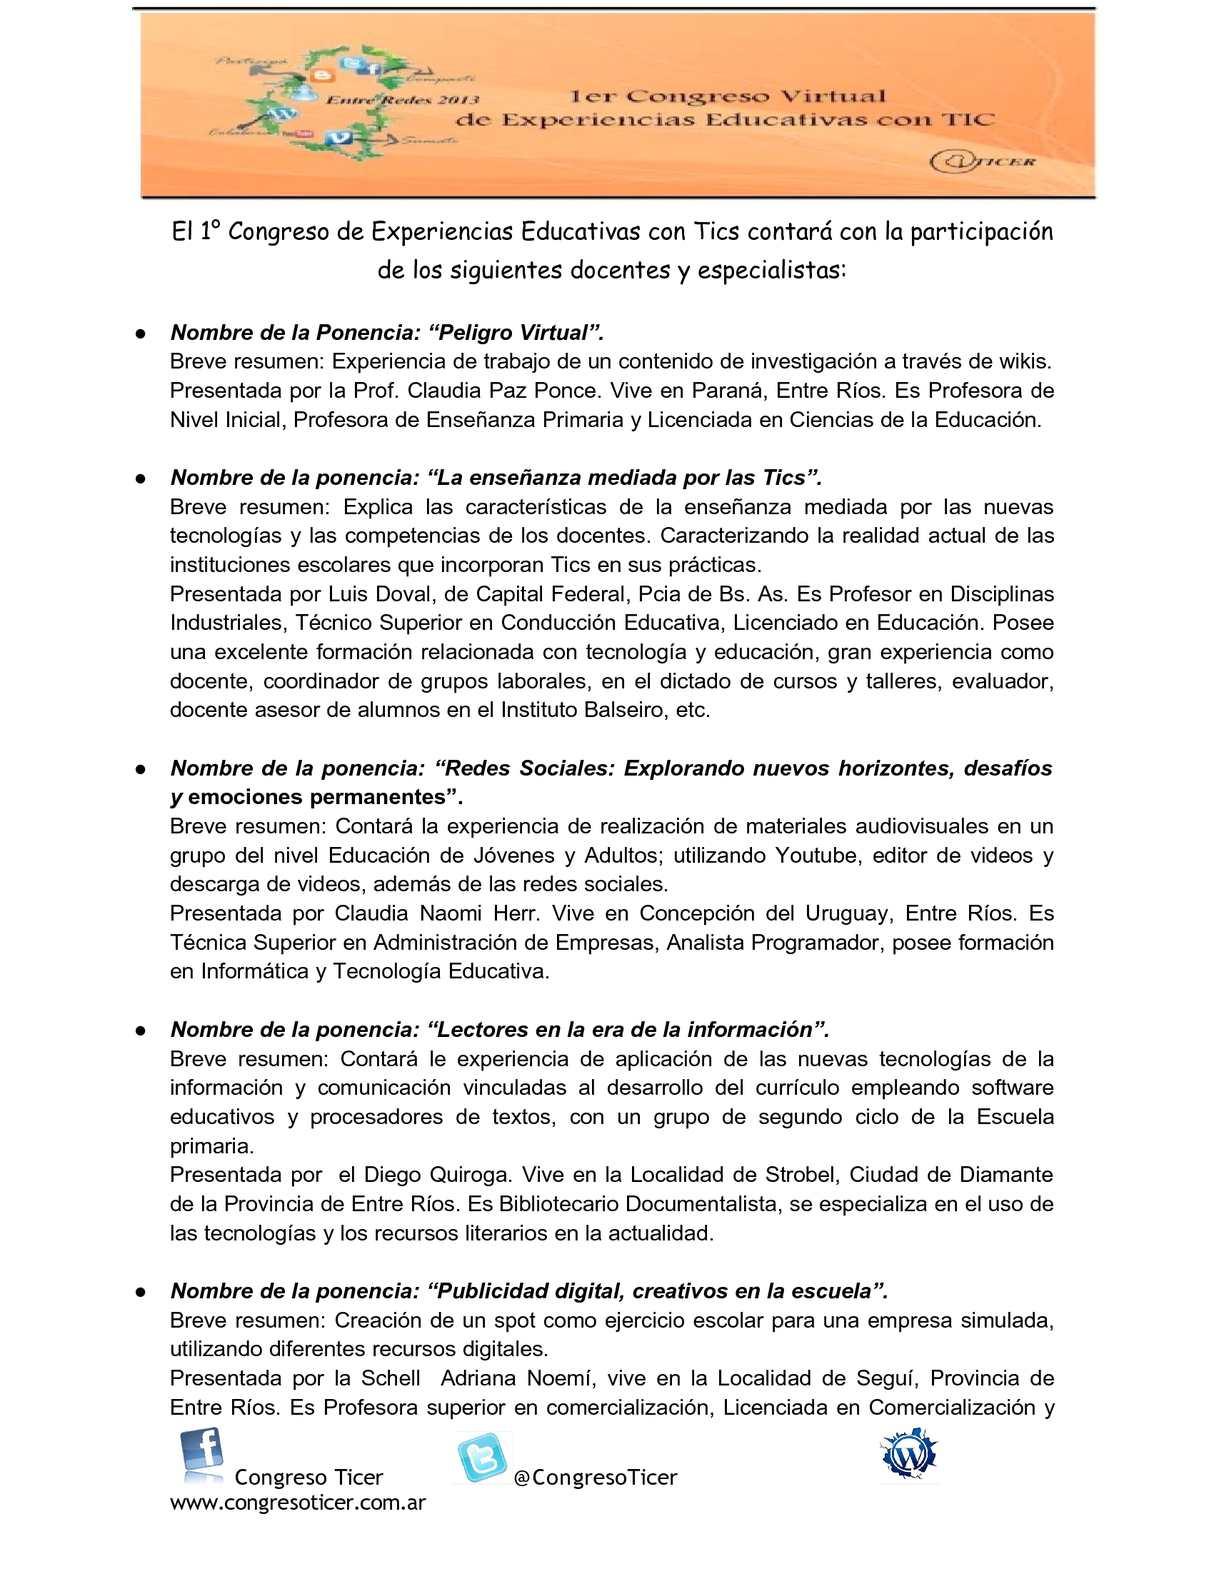 Calaméo - Biografía y ponencias